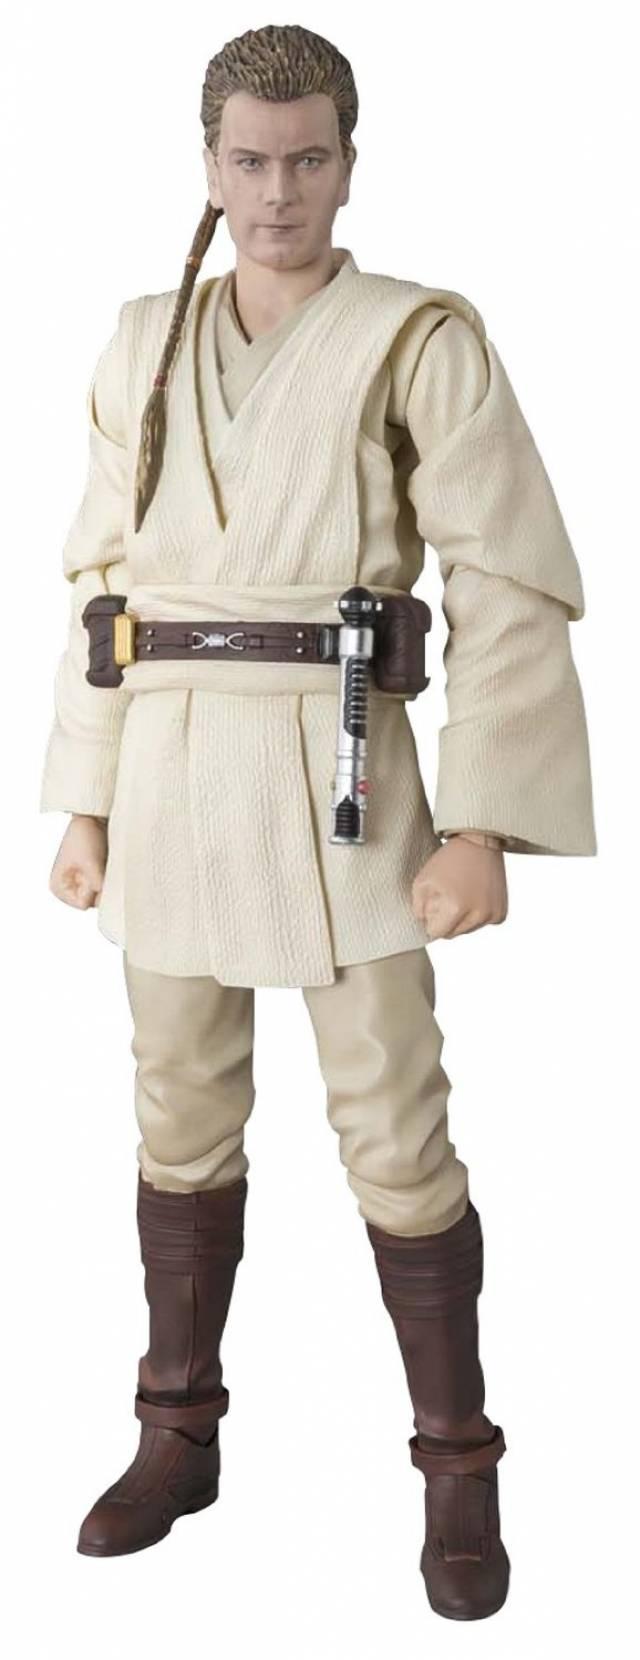 S.H. Figuarts Star Wars - Obi-Wan Kenobi